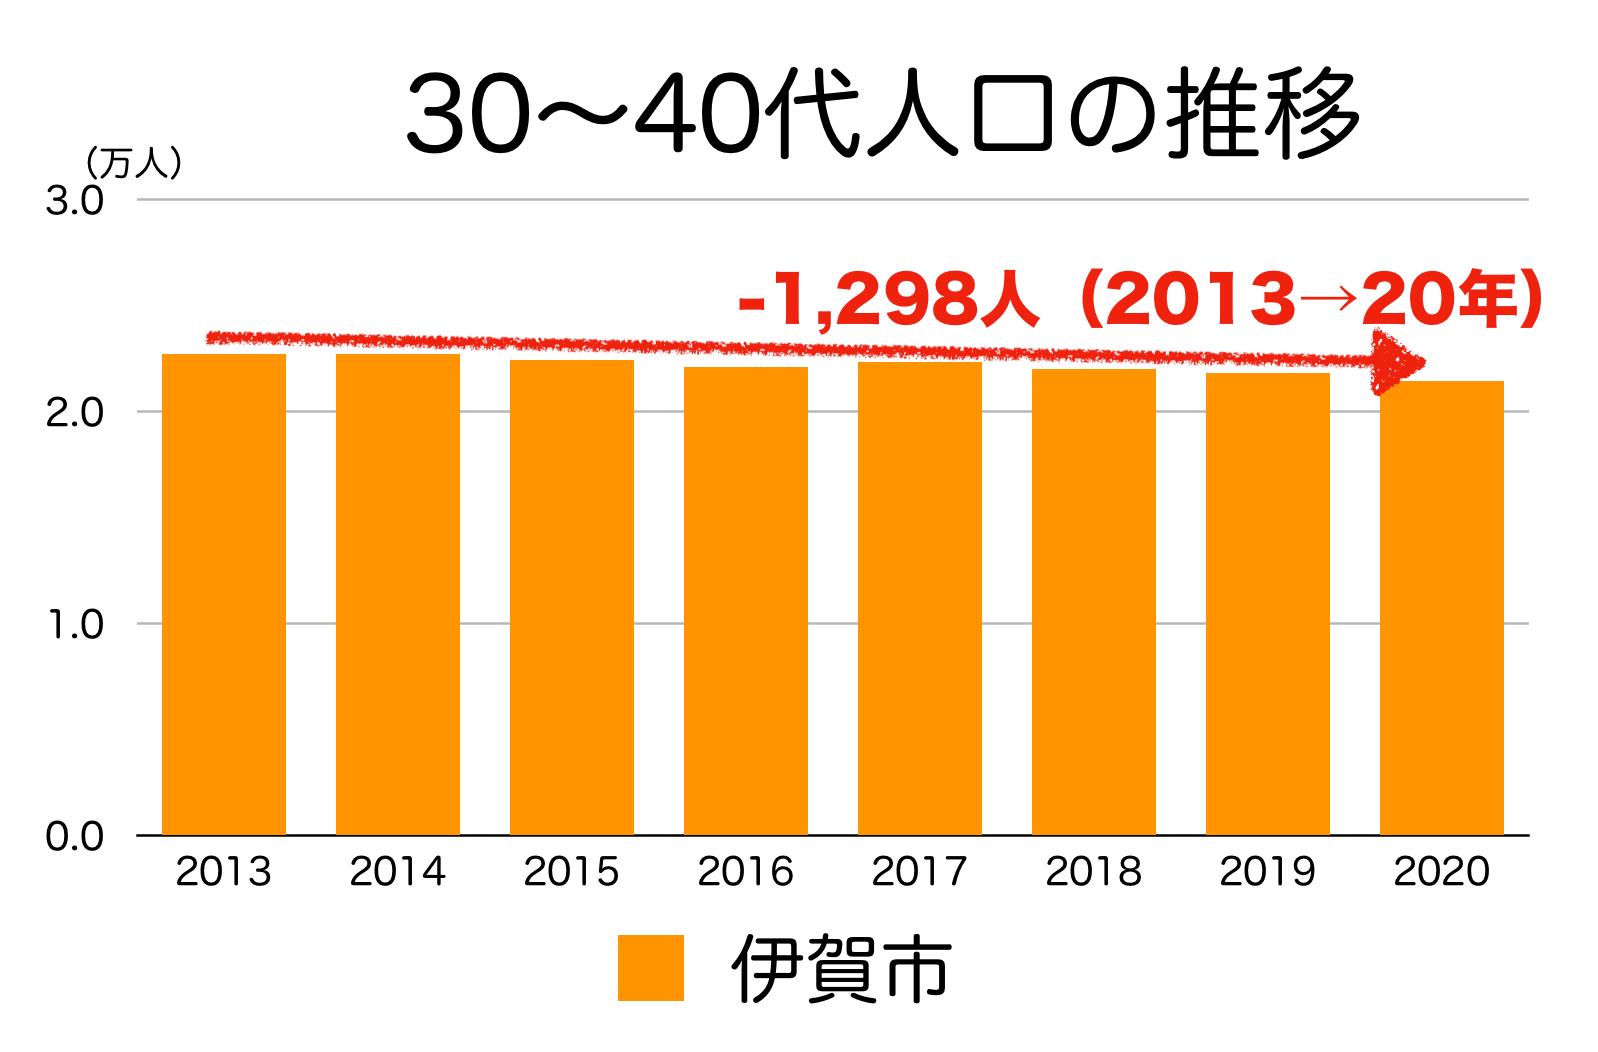 伊賀市の30〜40代人口の推移